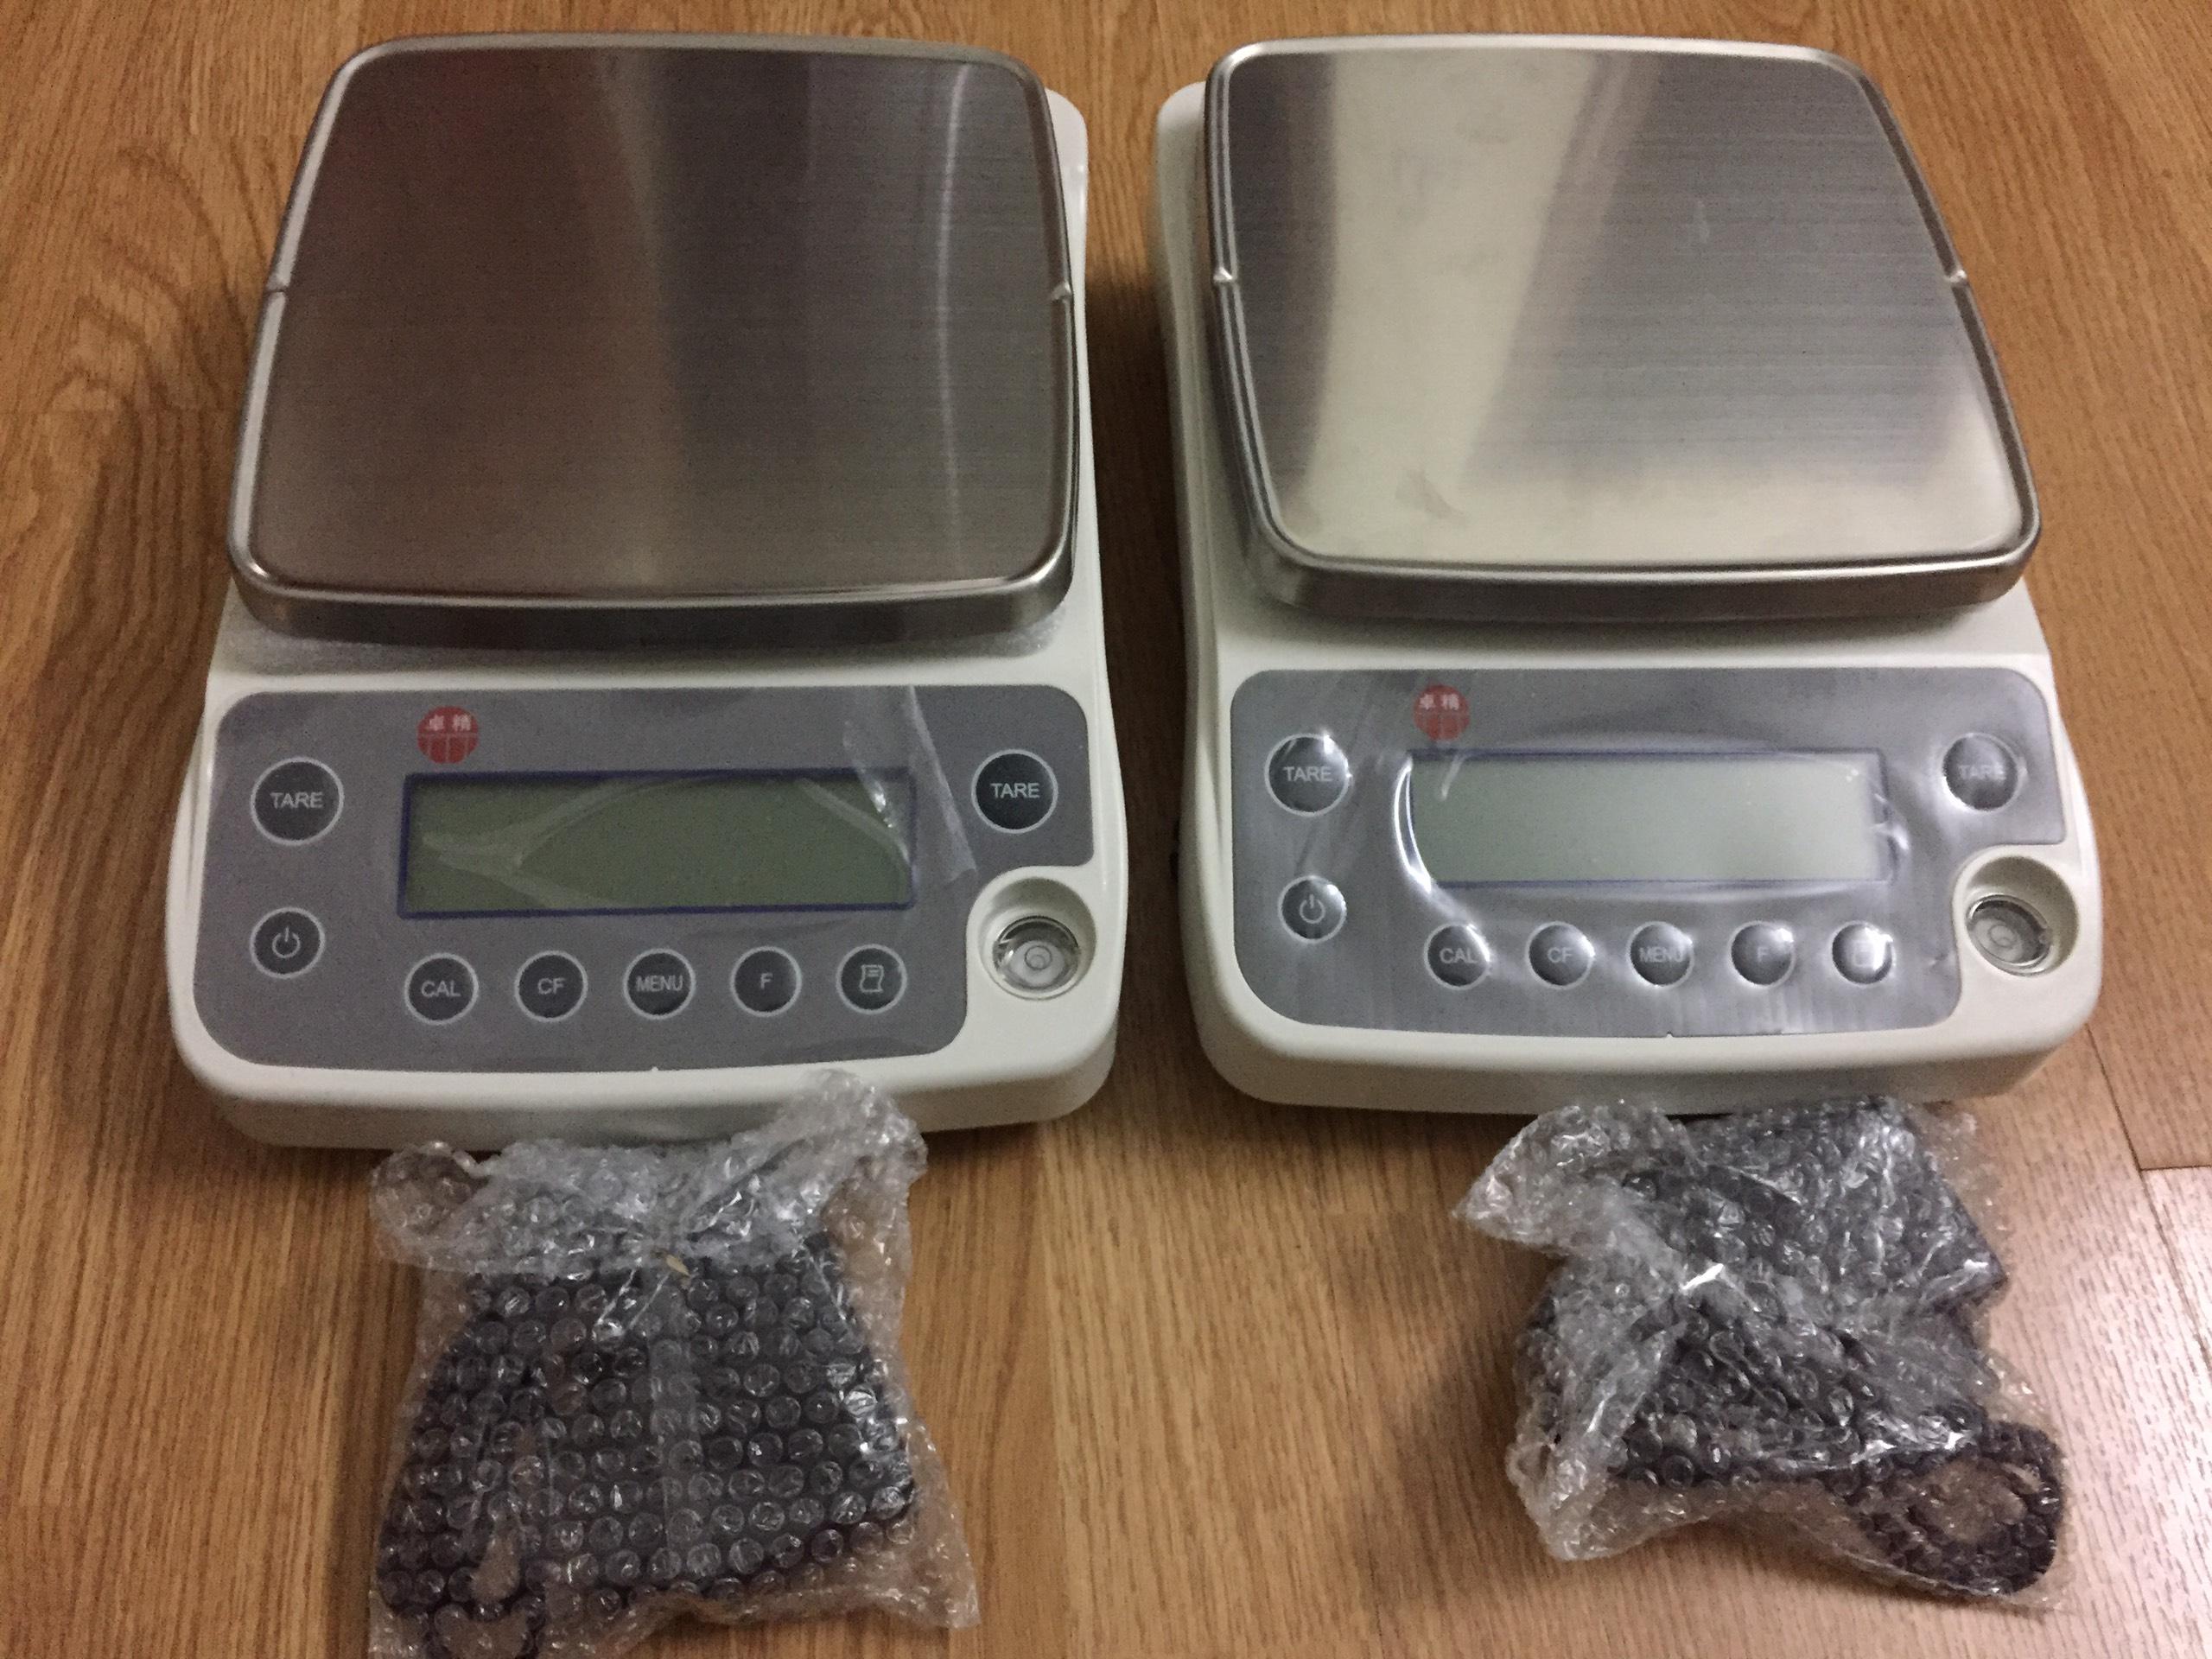 Cân điện tử 2 số BSM-2200.2, Max 2.2Kg